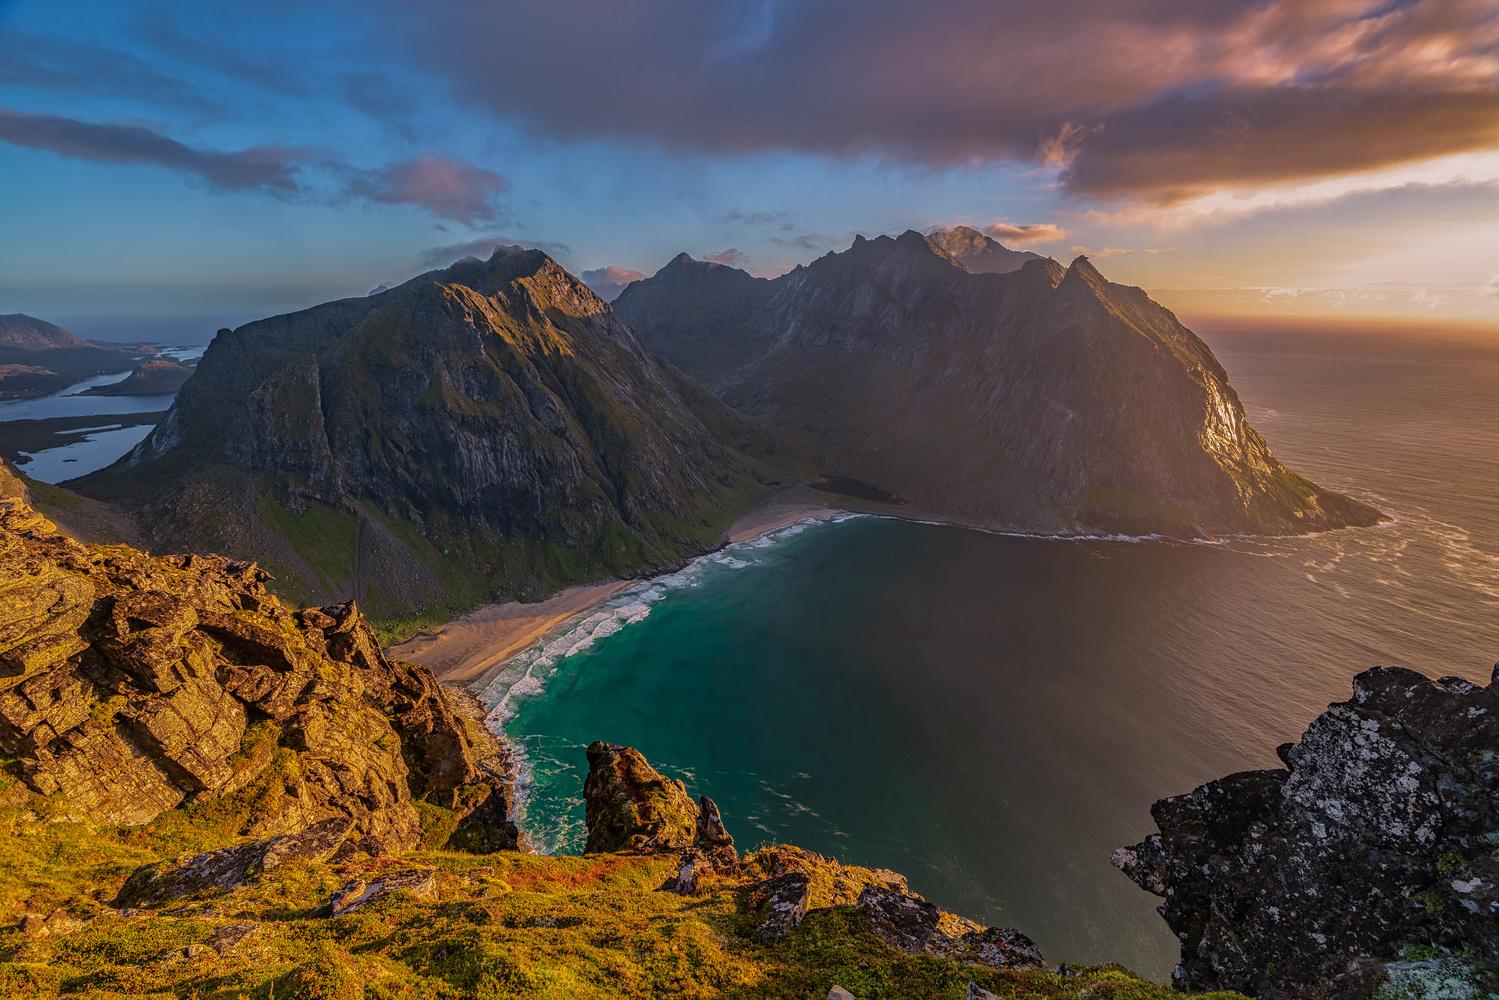 Mount Ryten by Thijs Spuijbroek